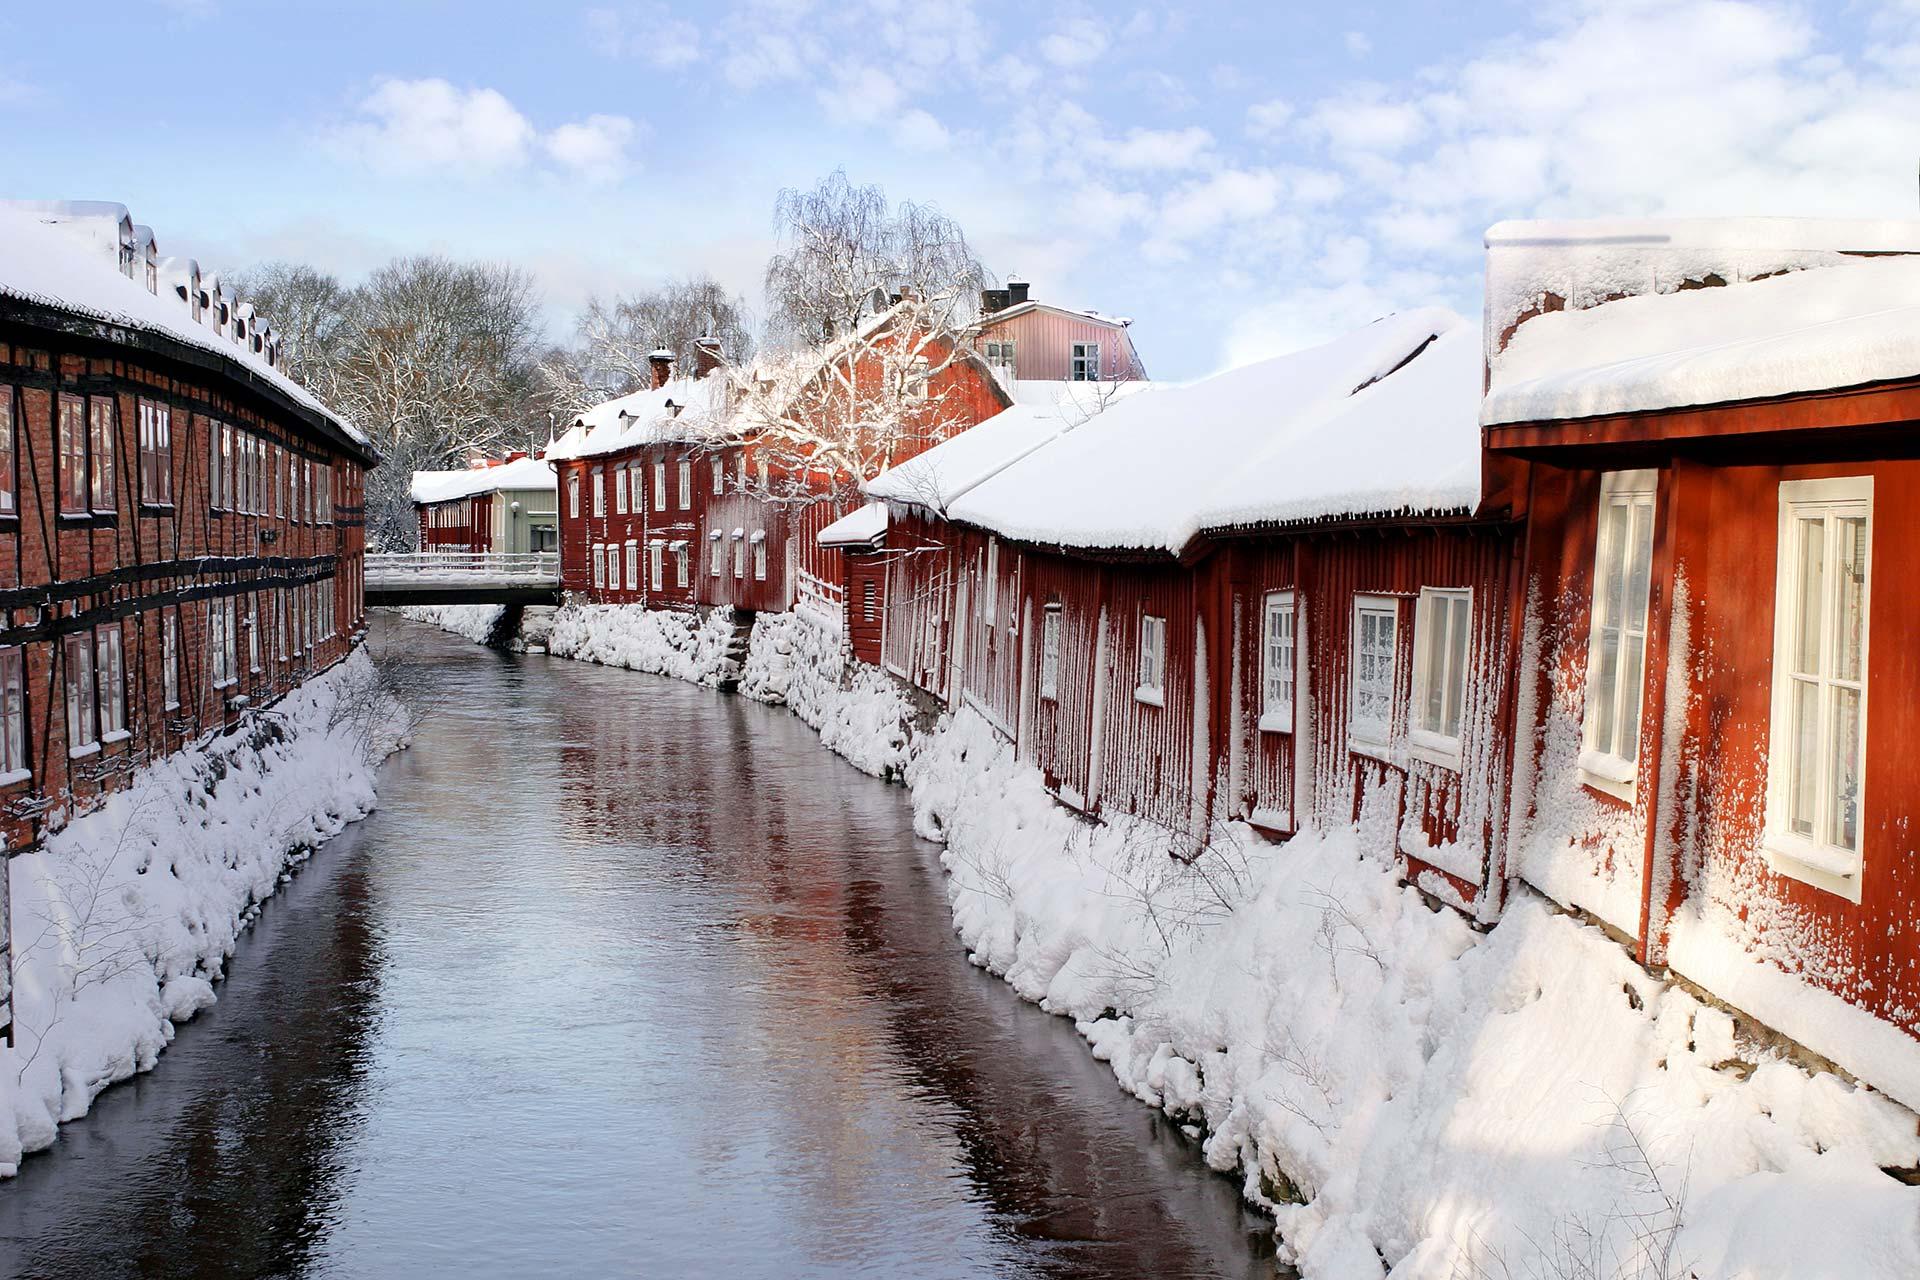 Vinterlandskap vid Svartån i Västerås. Fotograf: Clifford Shirley